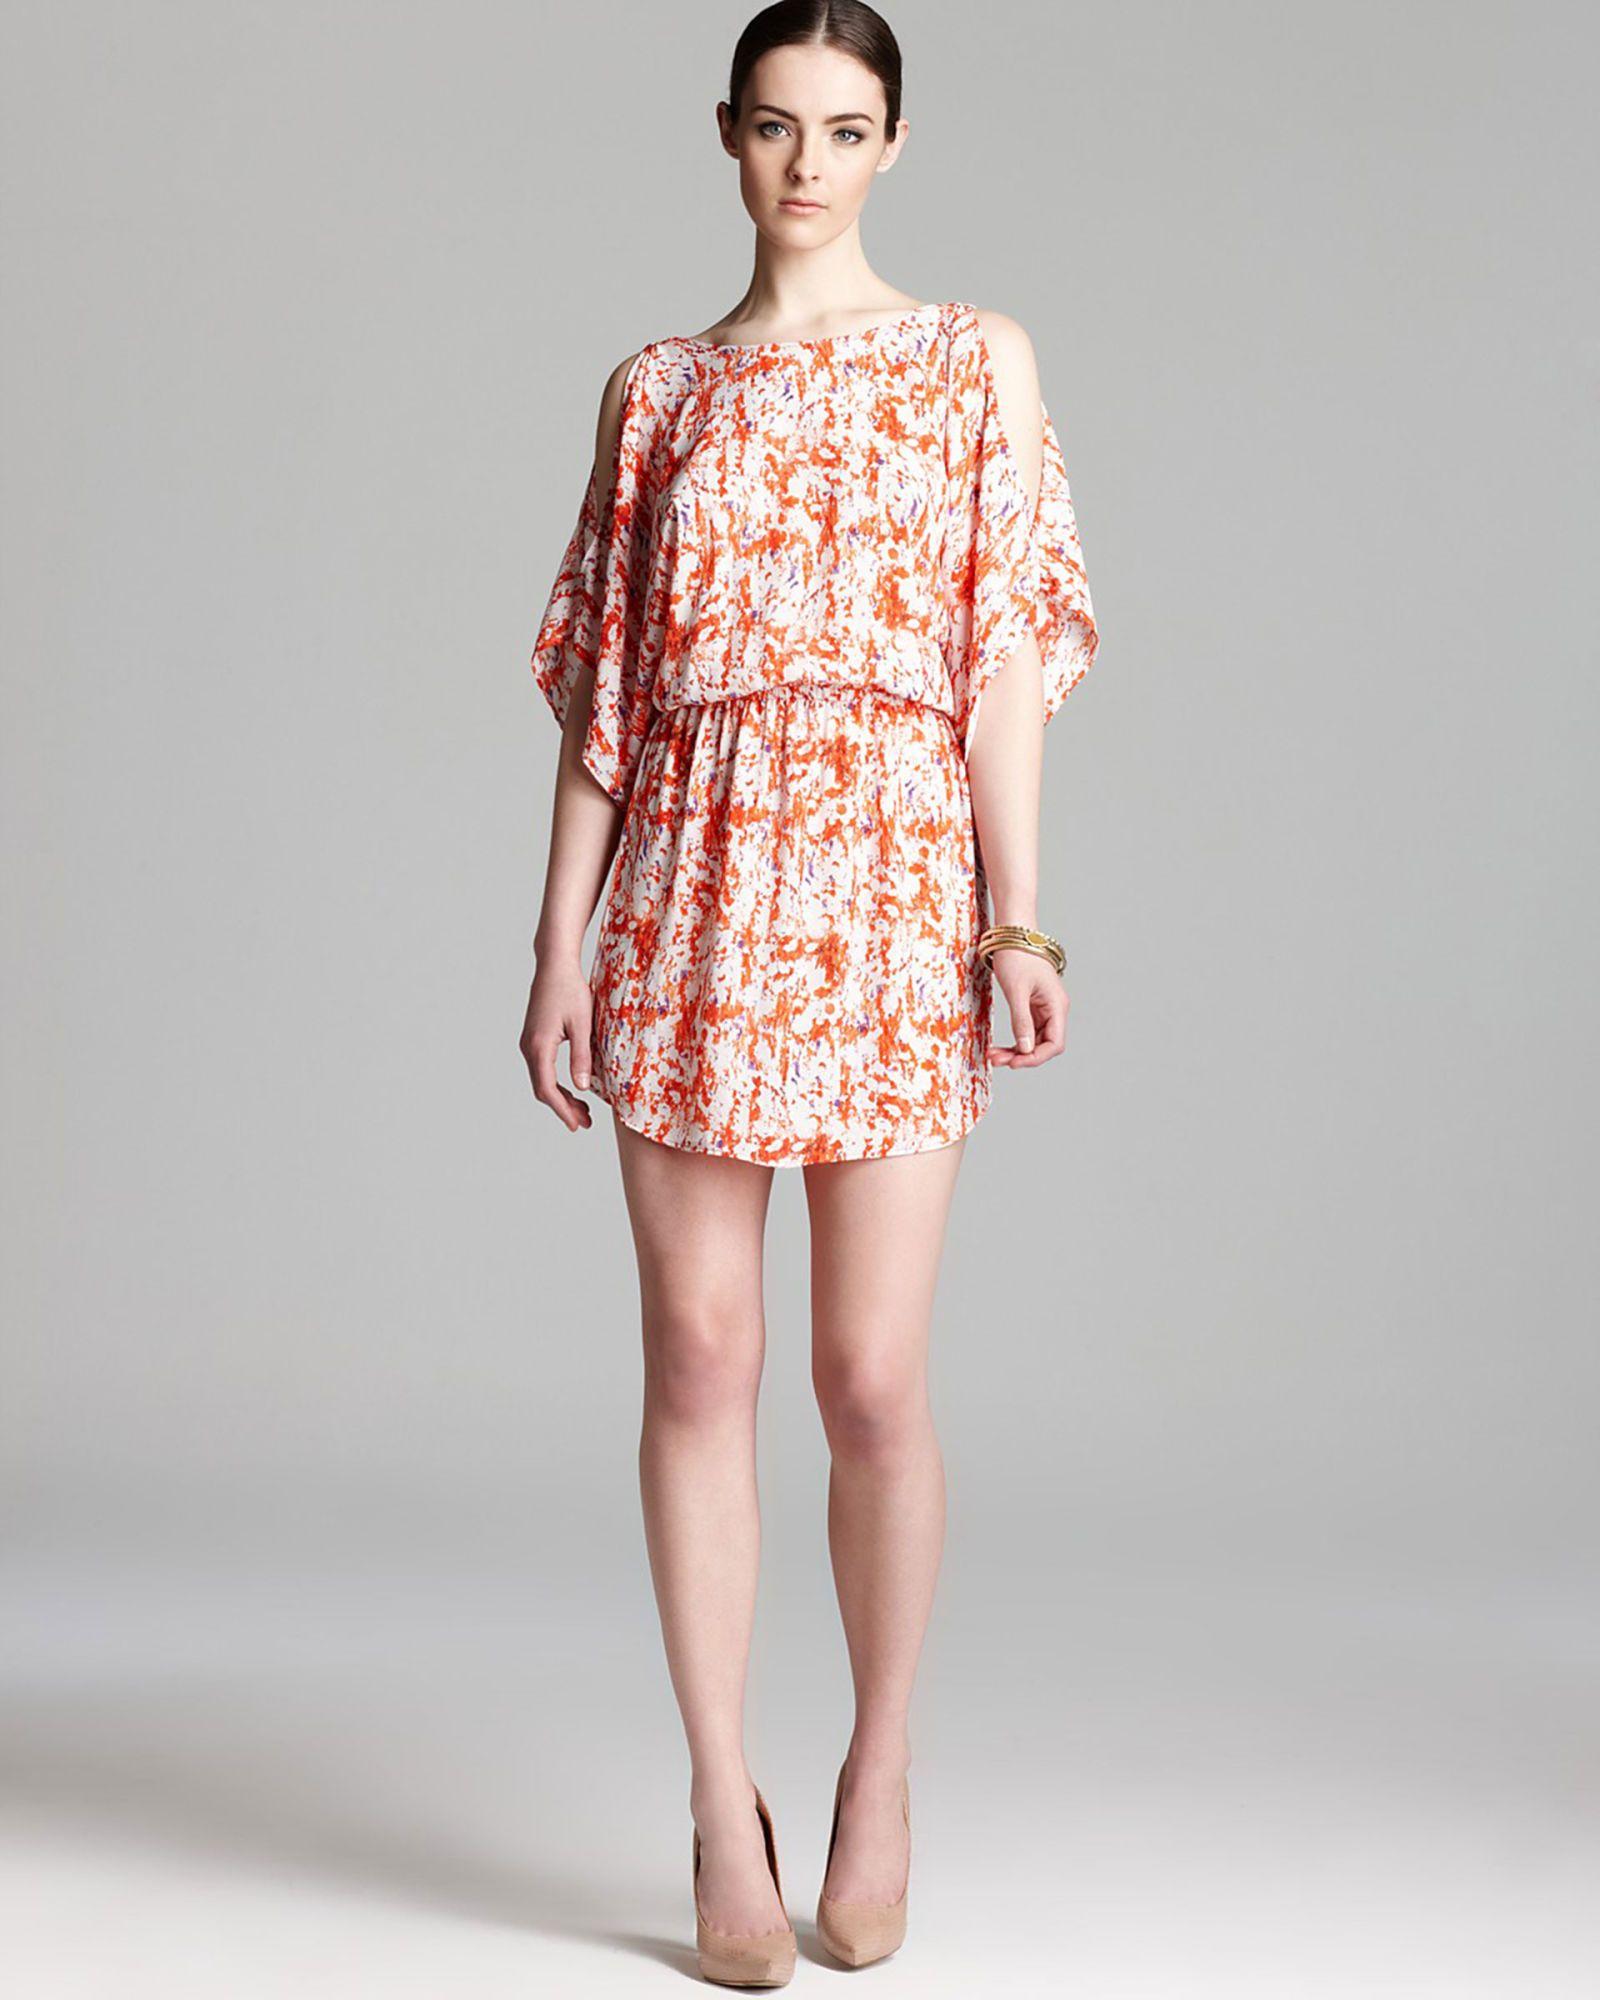 orange printed dress with slit shoulders